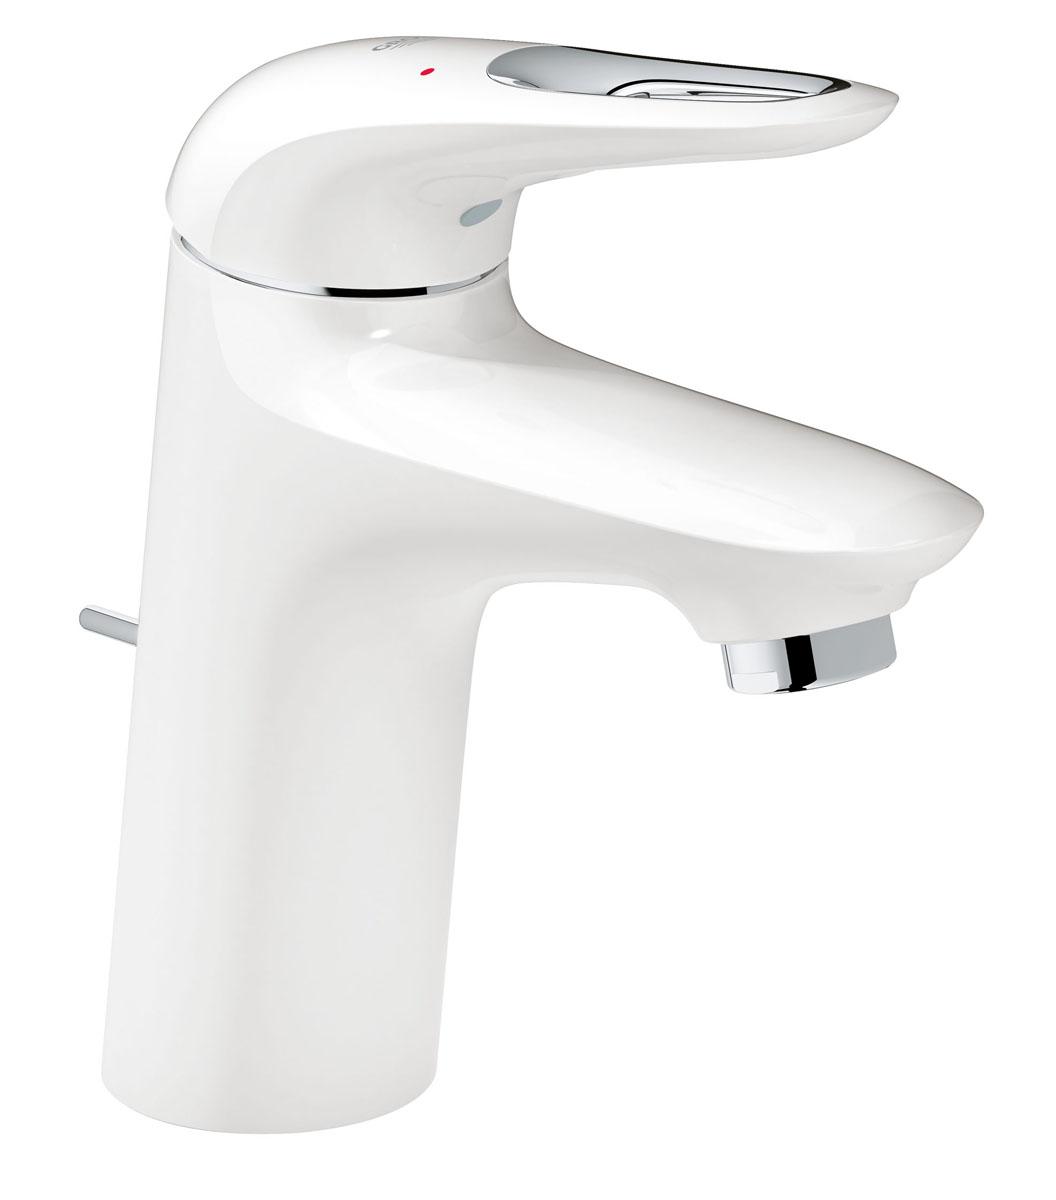 Смеситель для раковины Grohe Eurostyle New, с донным клапаном и энергосберегающим картриджем. 23374LS323374LS3Однорычажный смеситель для раковины Grohe Eurostyle New - это простое и интуитивно понятное решение, идеально для семейных ванных комнат и для стандартных раковин. Если вы ищете смеситель для ванной в простом и современном дизайне - этот моноблочный смеситель станет лучшим выбором для вас, с его водо- и энергосберегающими возможностями, как, например, встроенная технология EcoJoy и эргономичной рукояткой смесителя с технологией SilkMove ES, делает его невероятно простым в эксплуатации. Предназначенная быстрого и простого монтажа на одно отверстие, эта модель идеально подходит для вас.